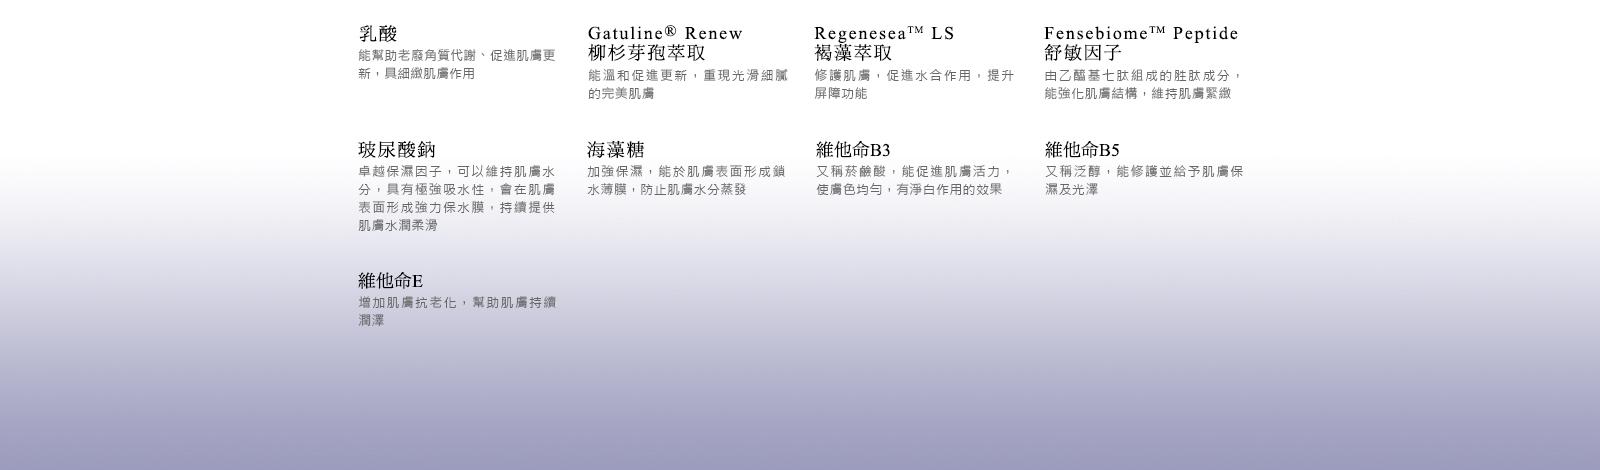 wechat-image-20210105135017.jpg